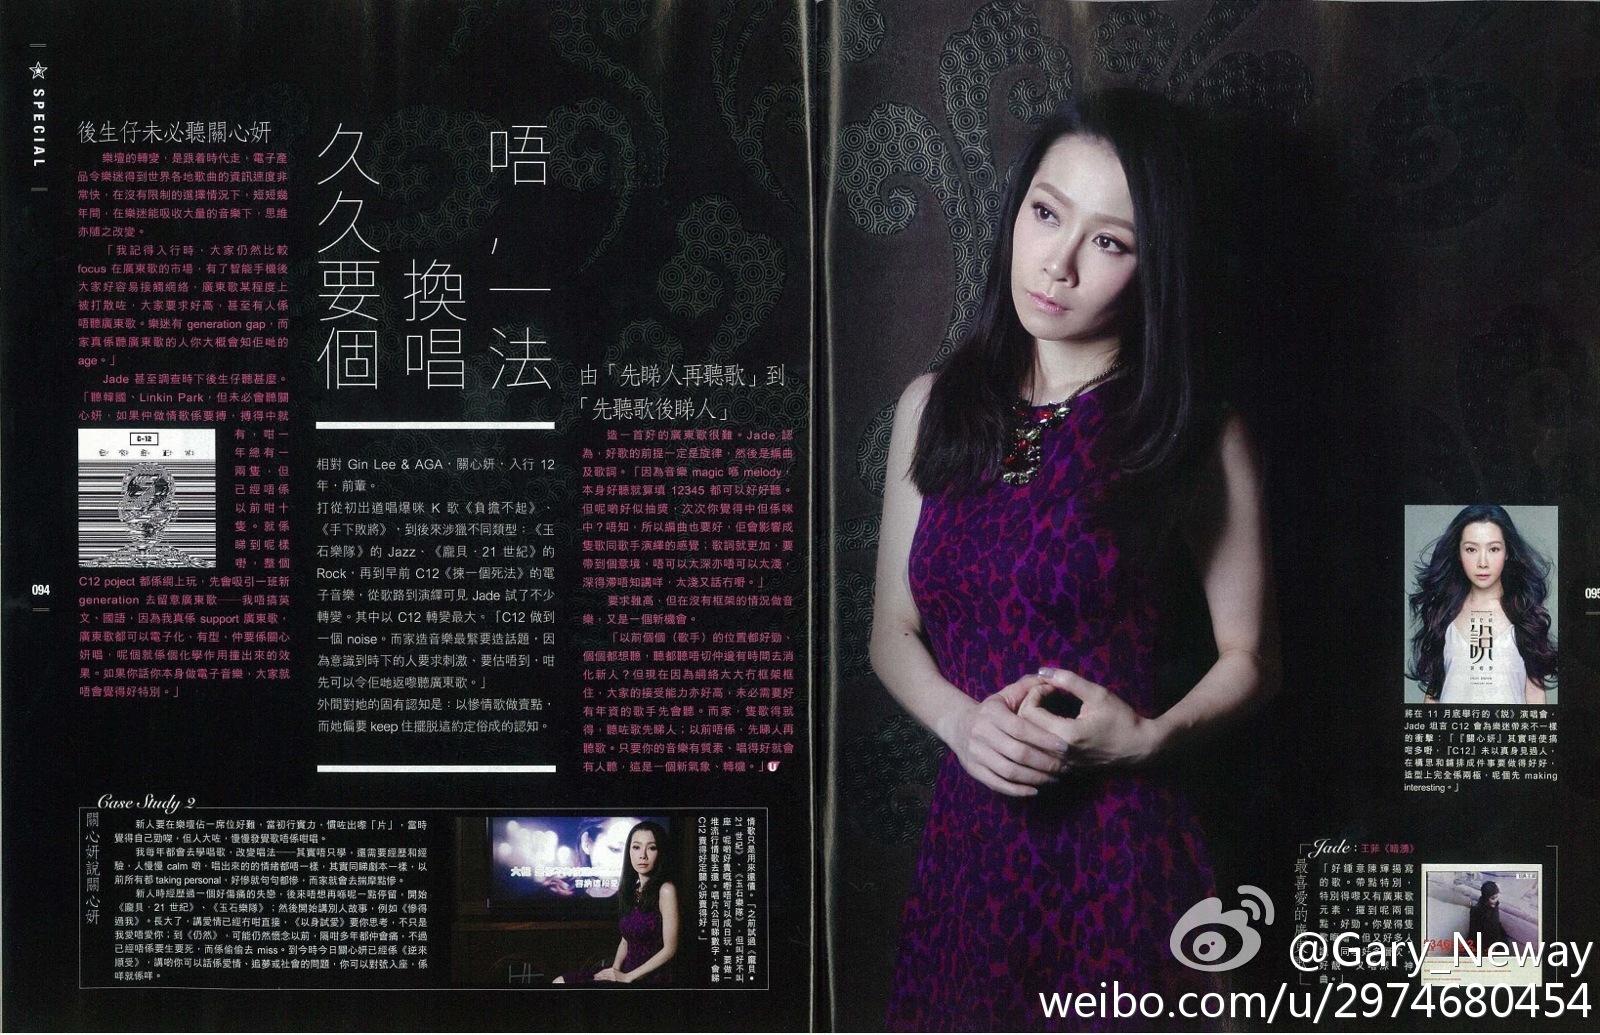 31 Oct 2014 • U Magazine